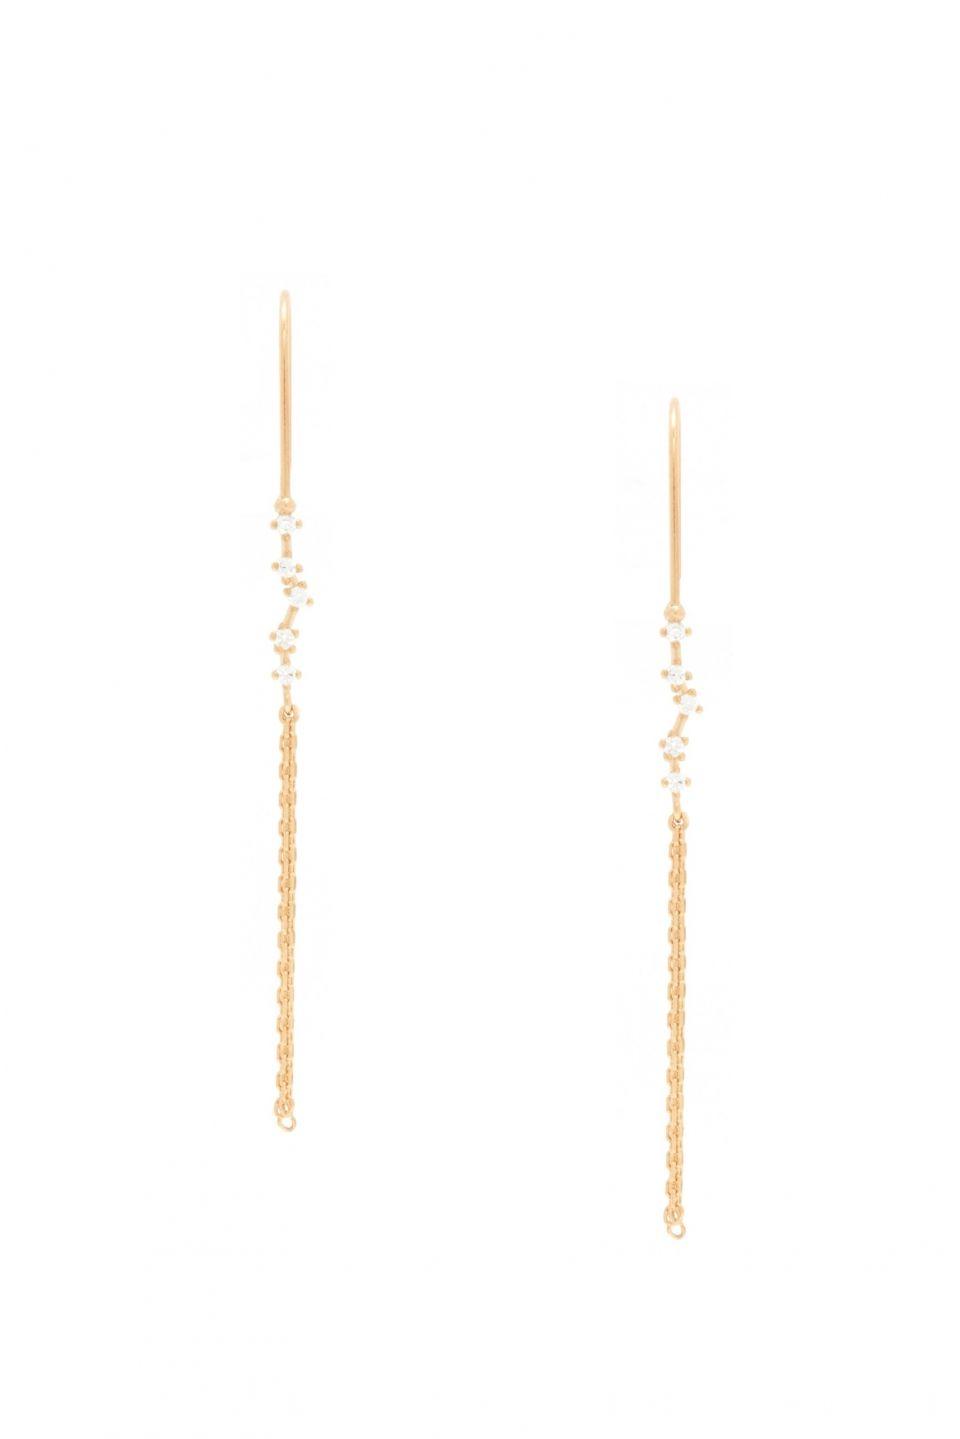 Rue Gembon - Rue Gembon Cabie Gold Earrings | jewellery ...